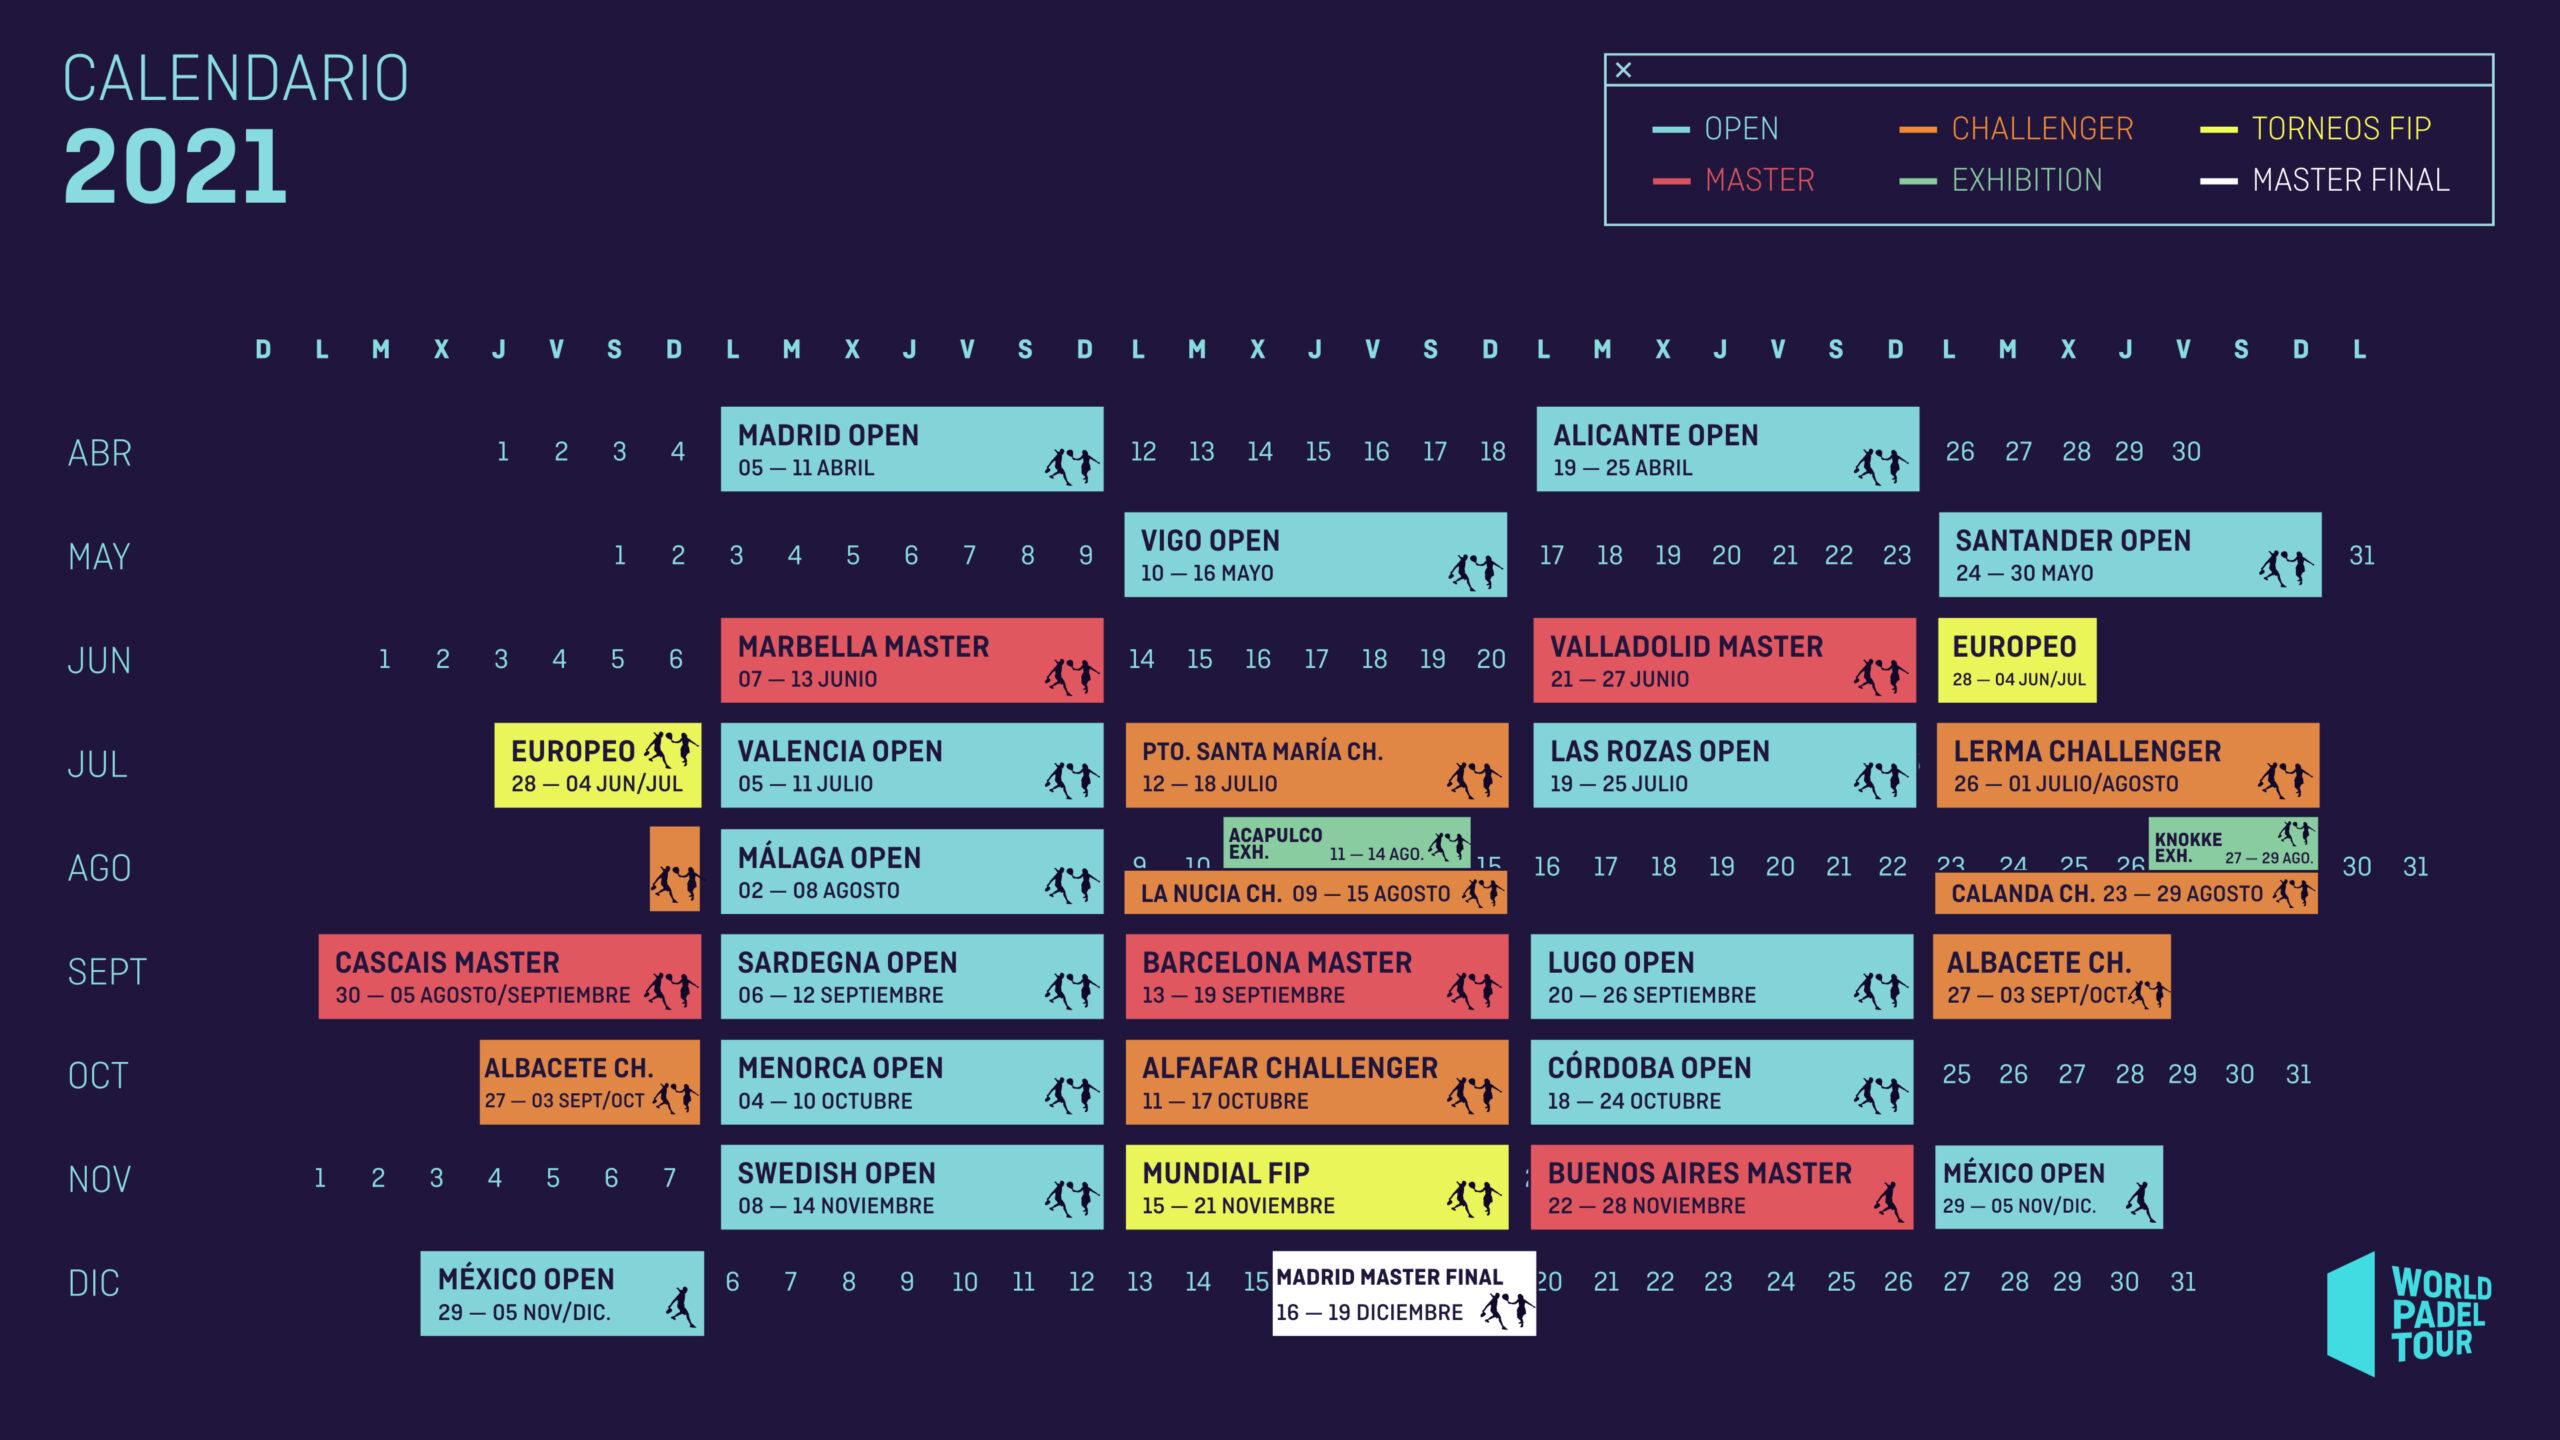 Así queda el calendario del WPT Challenger tras los últimos cambios